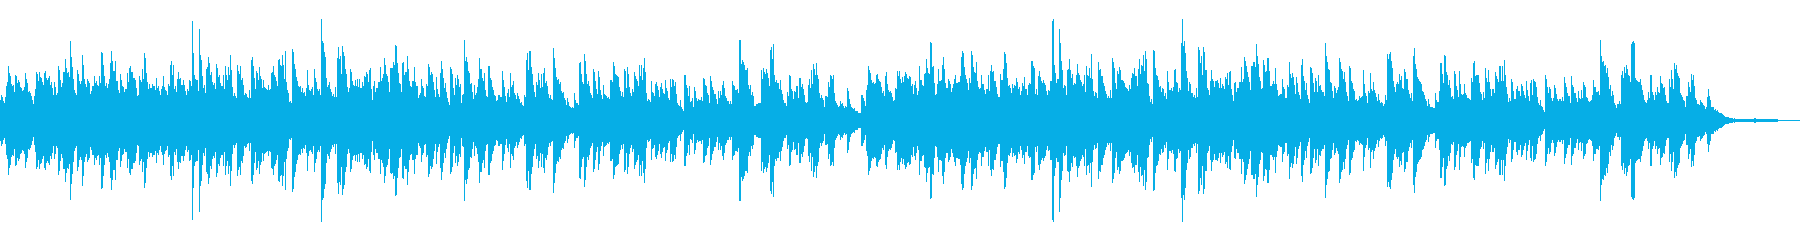 優しい温かな曲調 3拍子のピアノソロの再生済みの波形